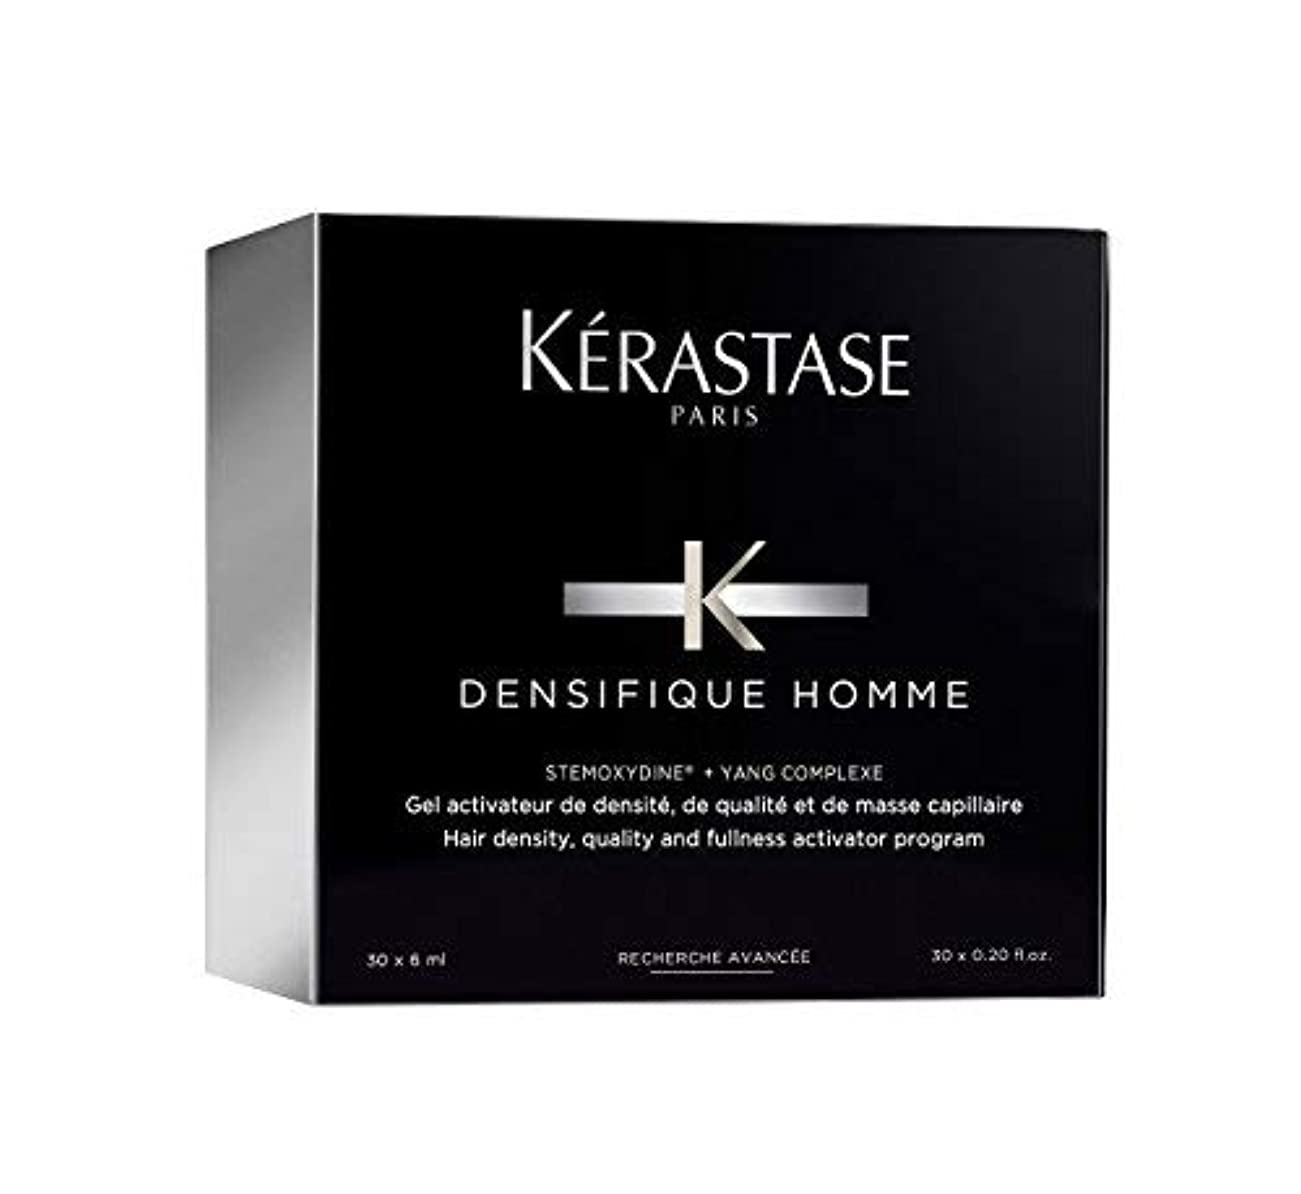 挨拶する慣性どこケラスターゼ Densifique Homme Hair Density and Fullness Programme 30x6ml